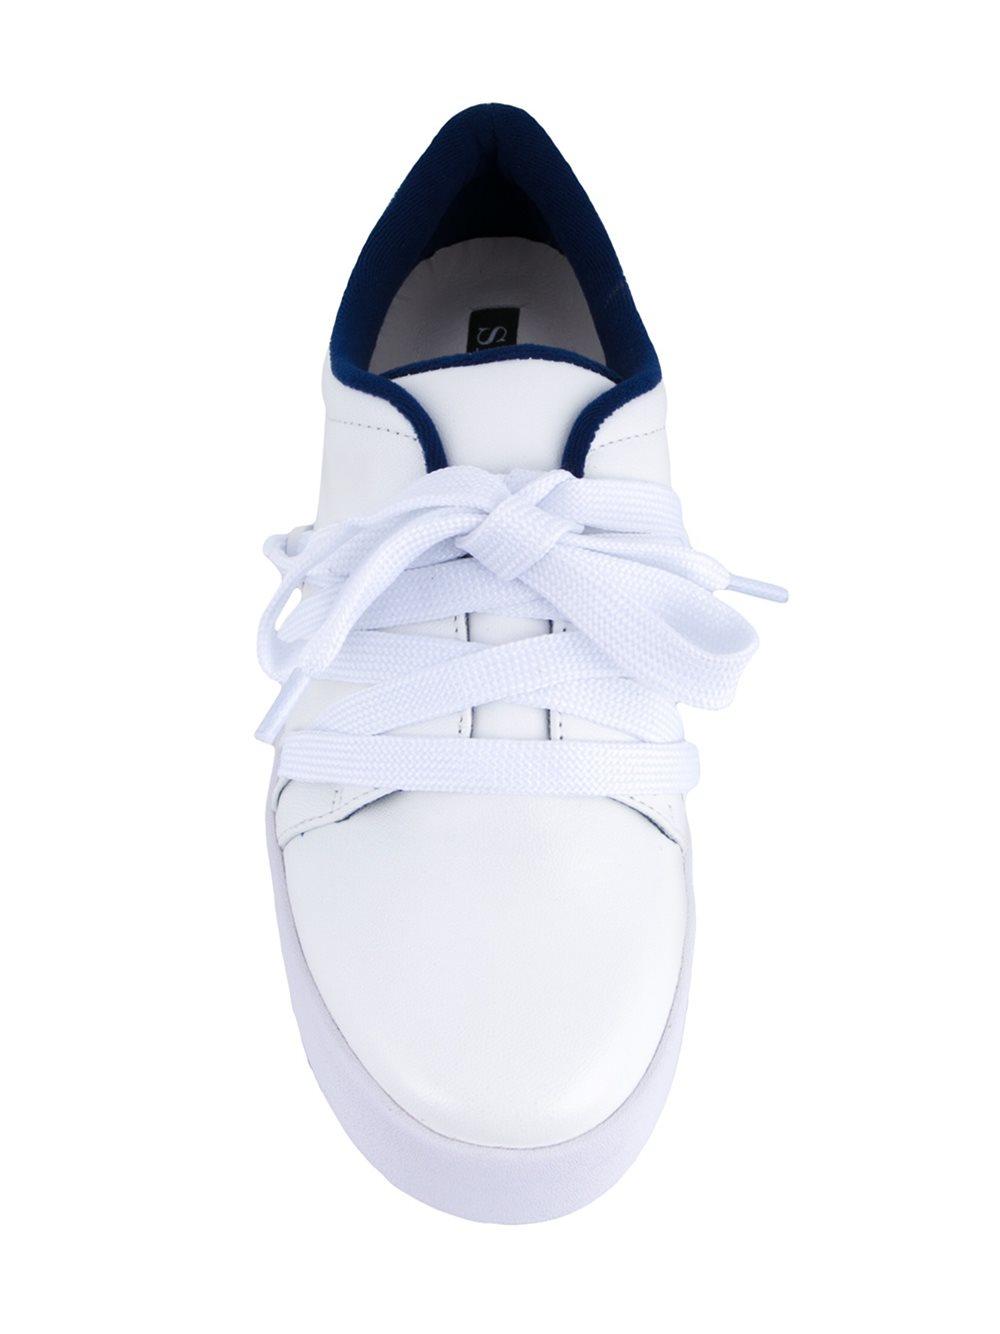 Senso 'arna' Sneakers in White